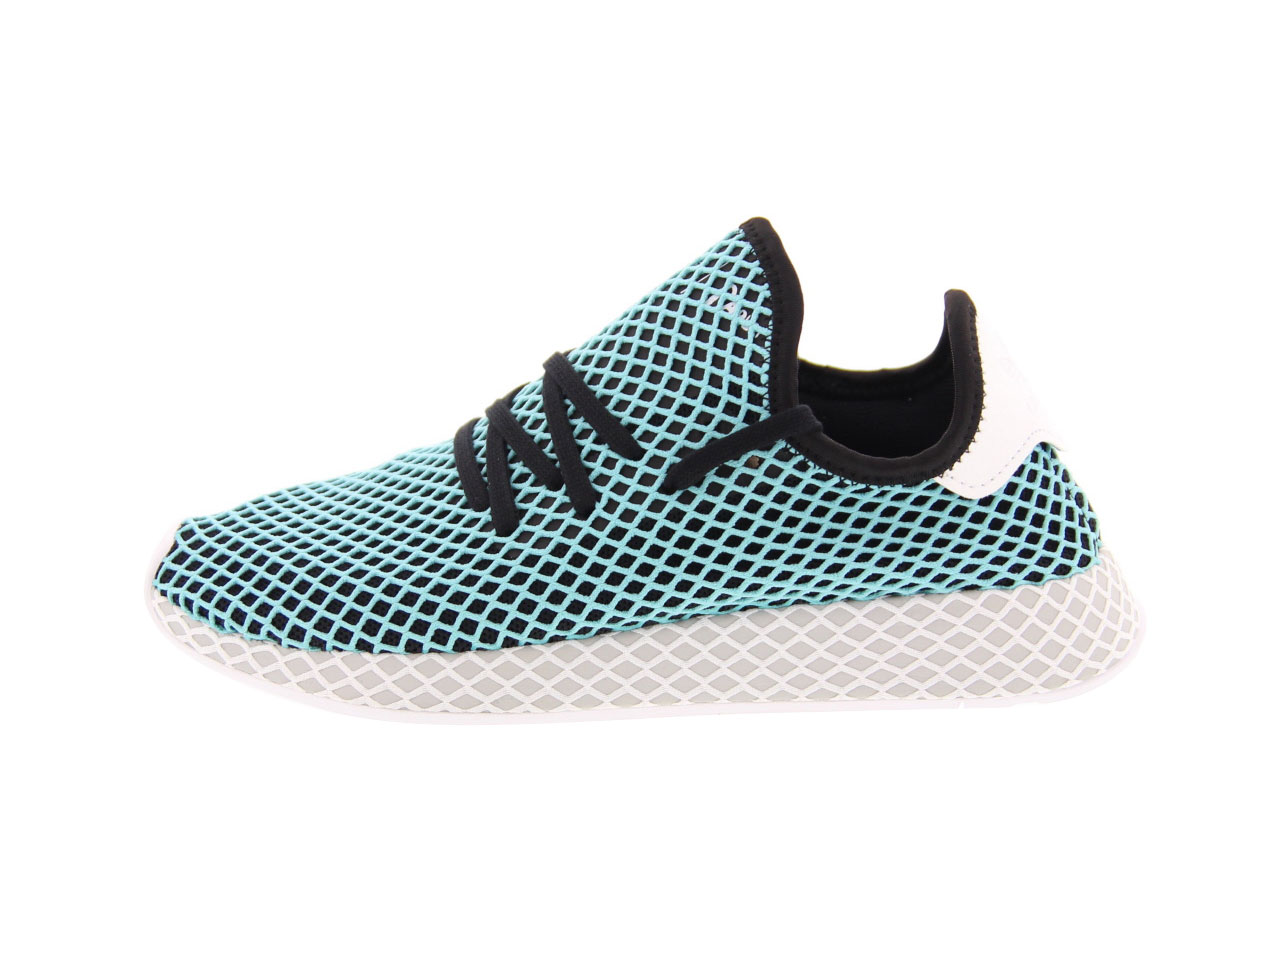 【お一人様一点まで!】adidas DEERUPT RUNNER PARLEY(CQ2623)【アディダス ディーラプト ランナー バーレイ】【メンズファッション】【シューズ】【スニーカー】【靴】【Parley for the Oceans】